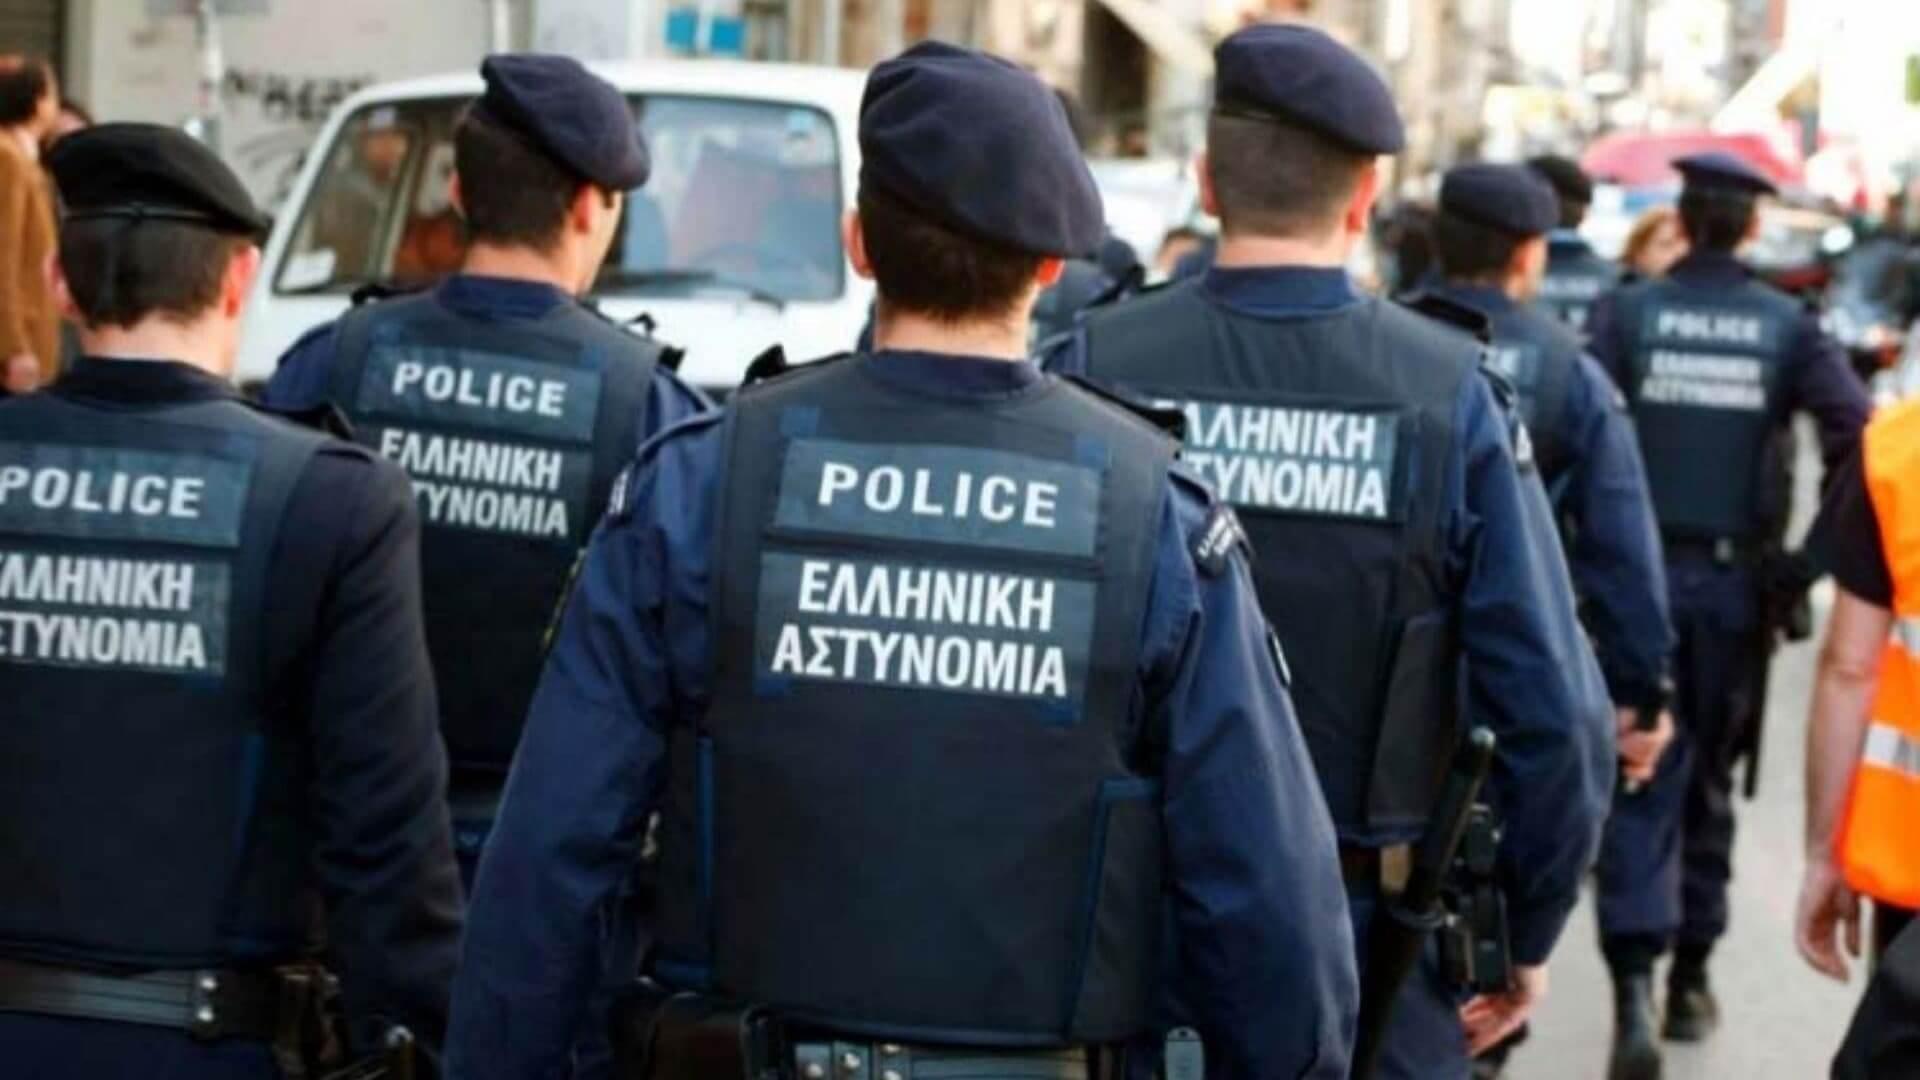 Yunanistan'da Suç ve Polis